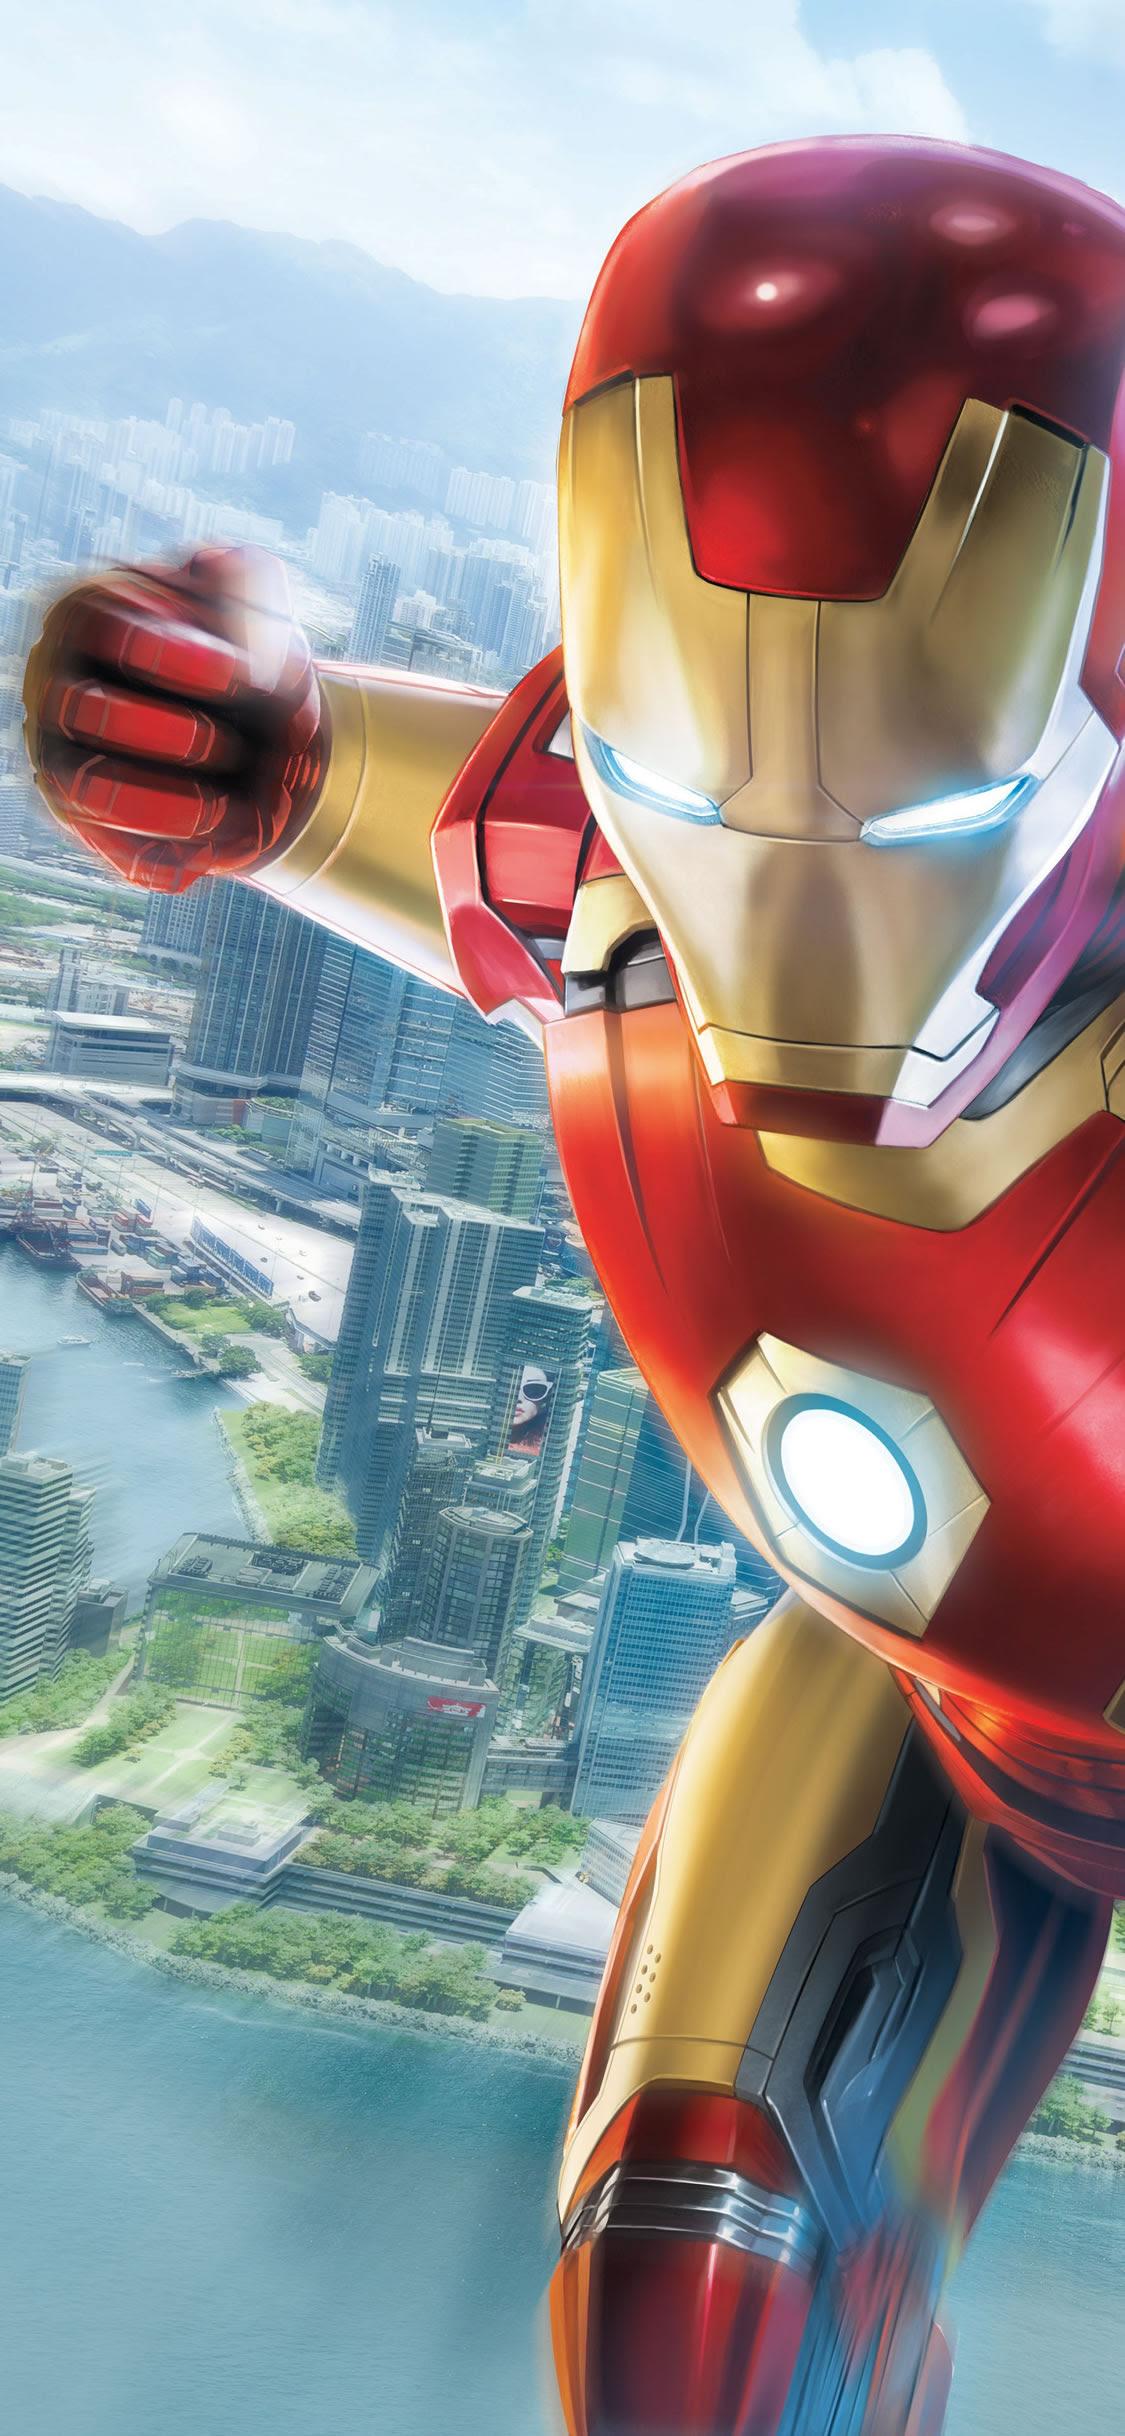 アイアンマンの経験香港ディズニーランドiphonex壁紙 Iphoneチーズ